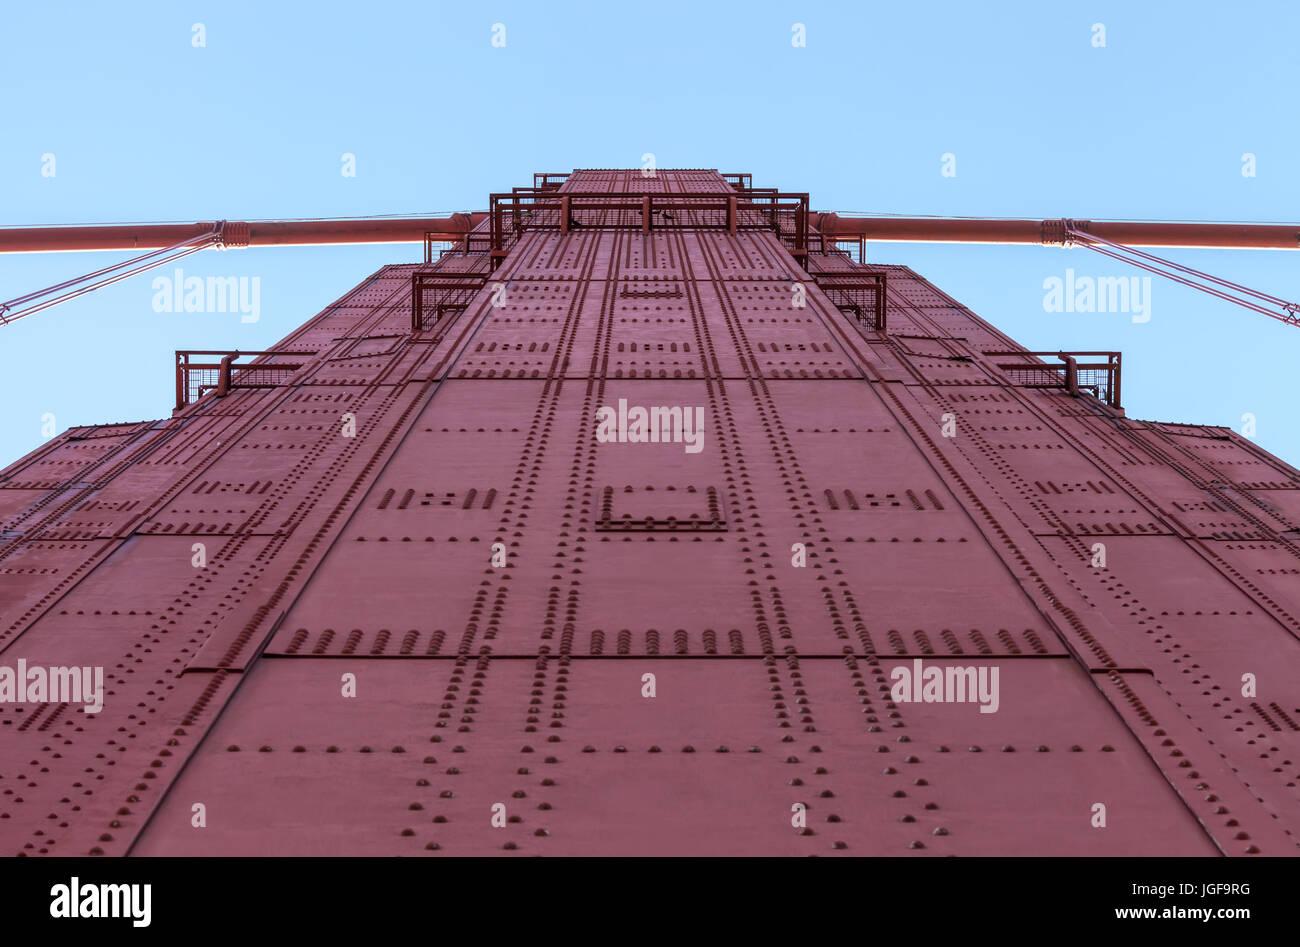 Un abstract shot presso il Golden Gate bridge tower a San Francisco, California, Stati Uniti d'America Immagini Stock